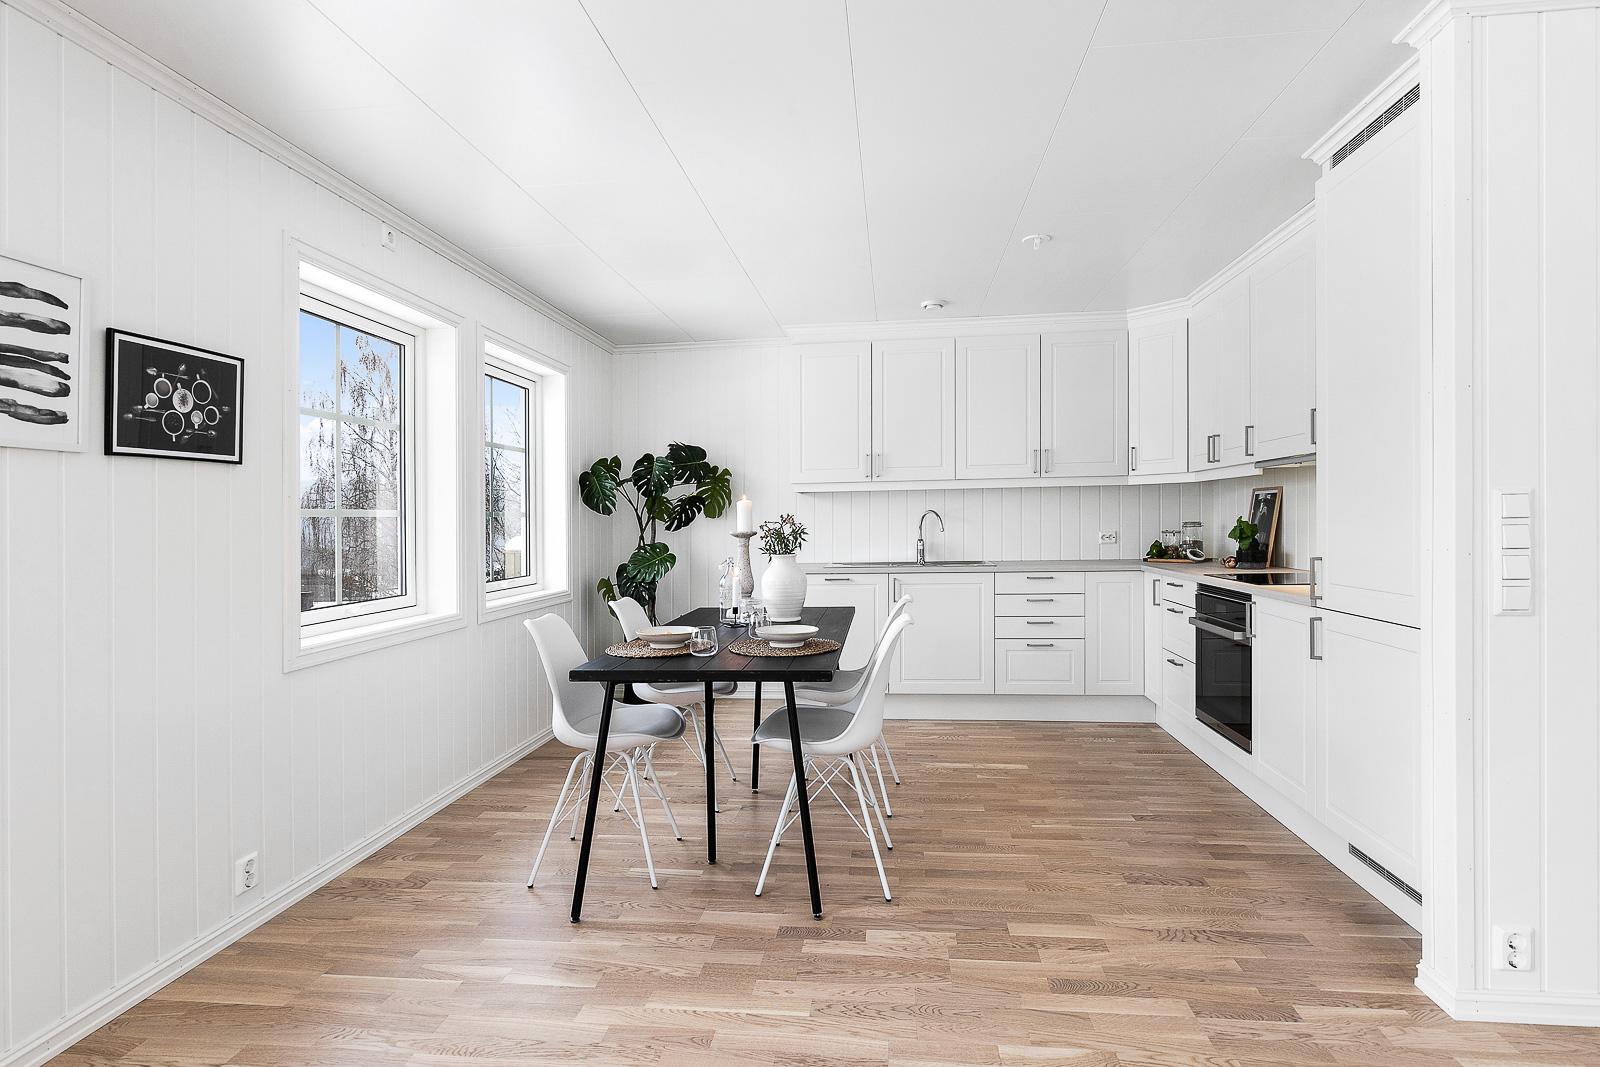 kjøkken (4).jpg